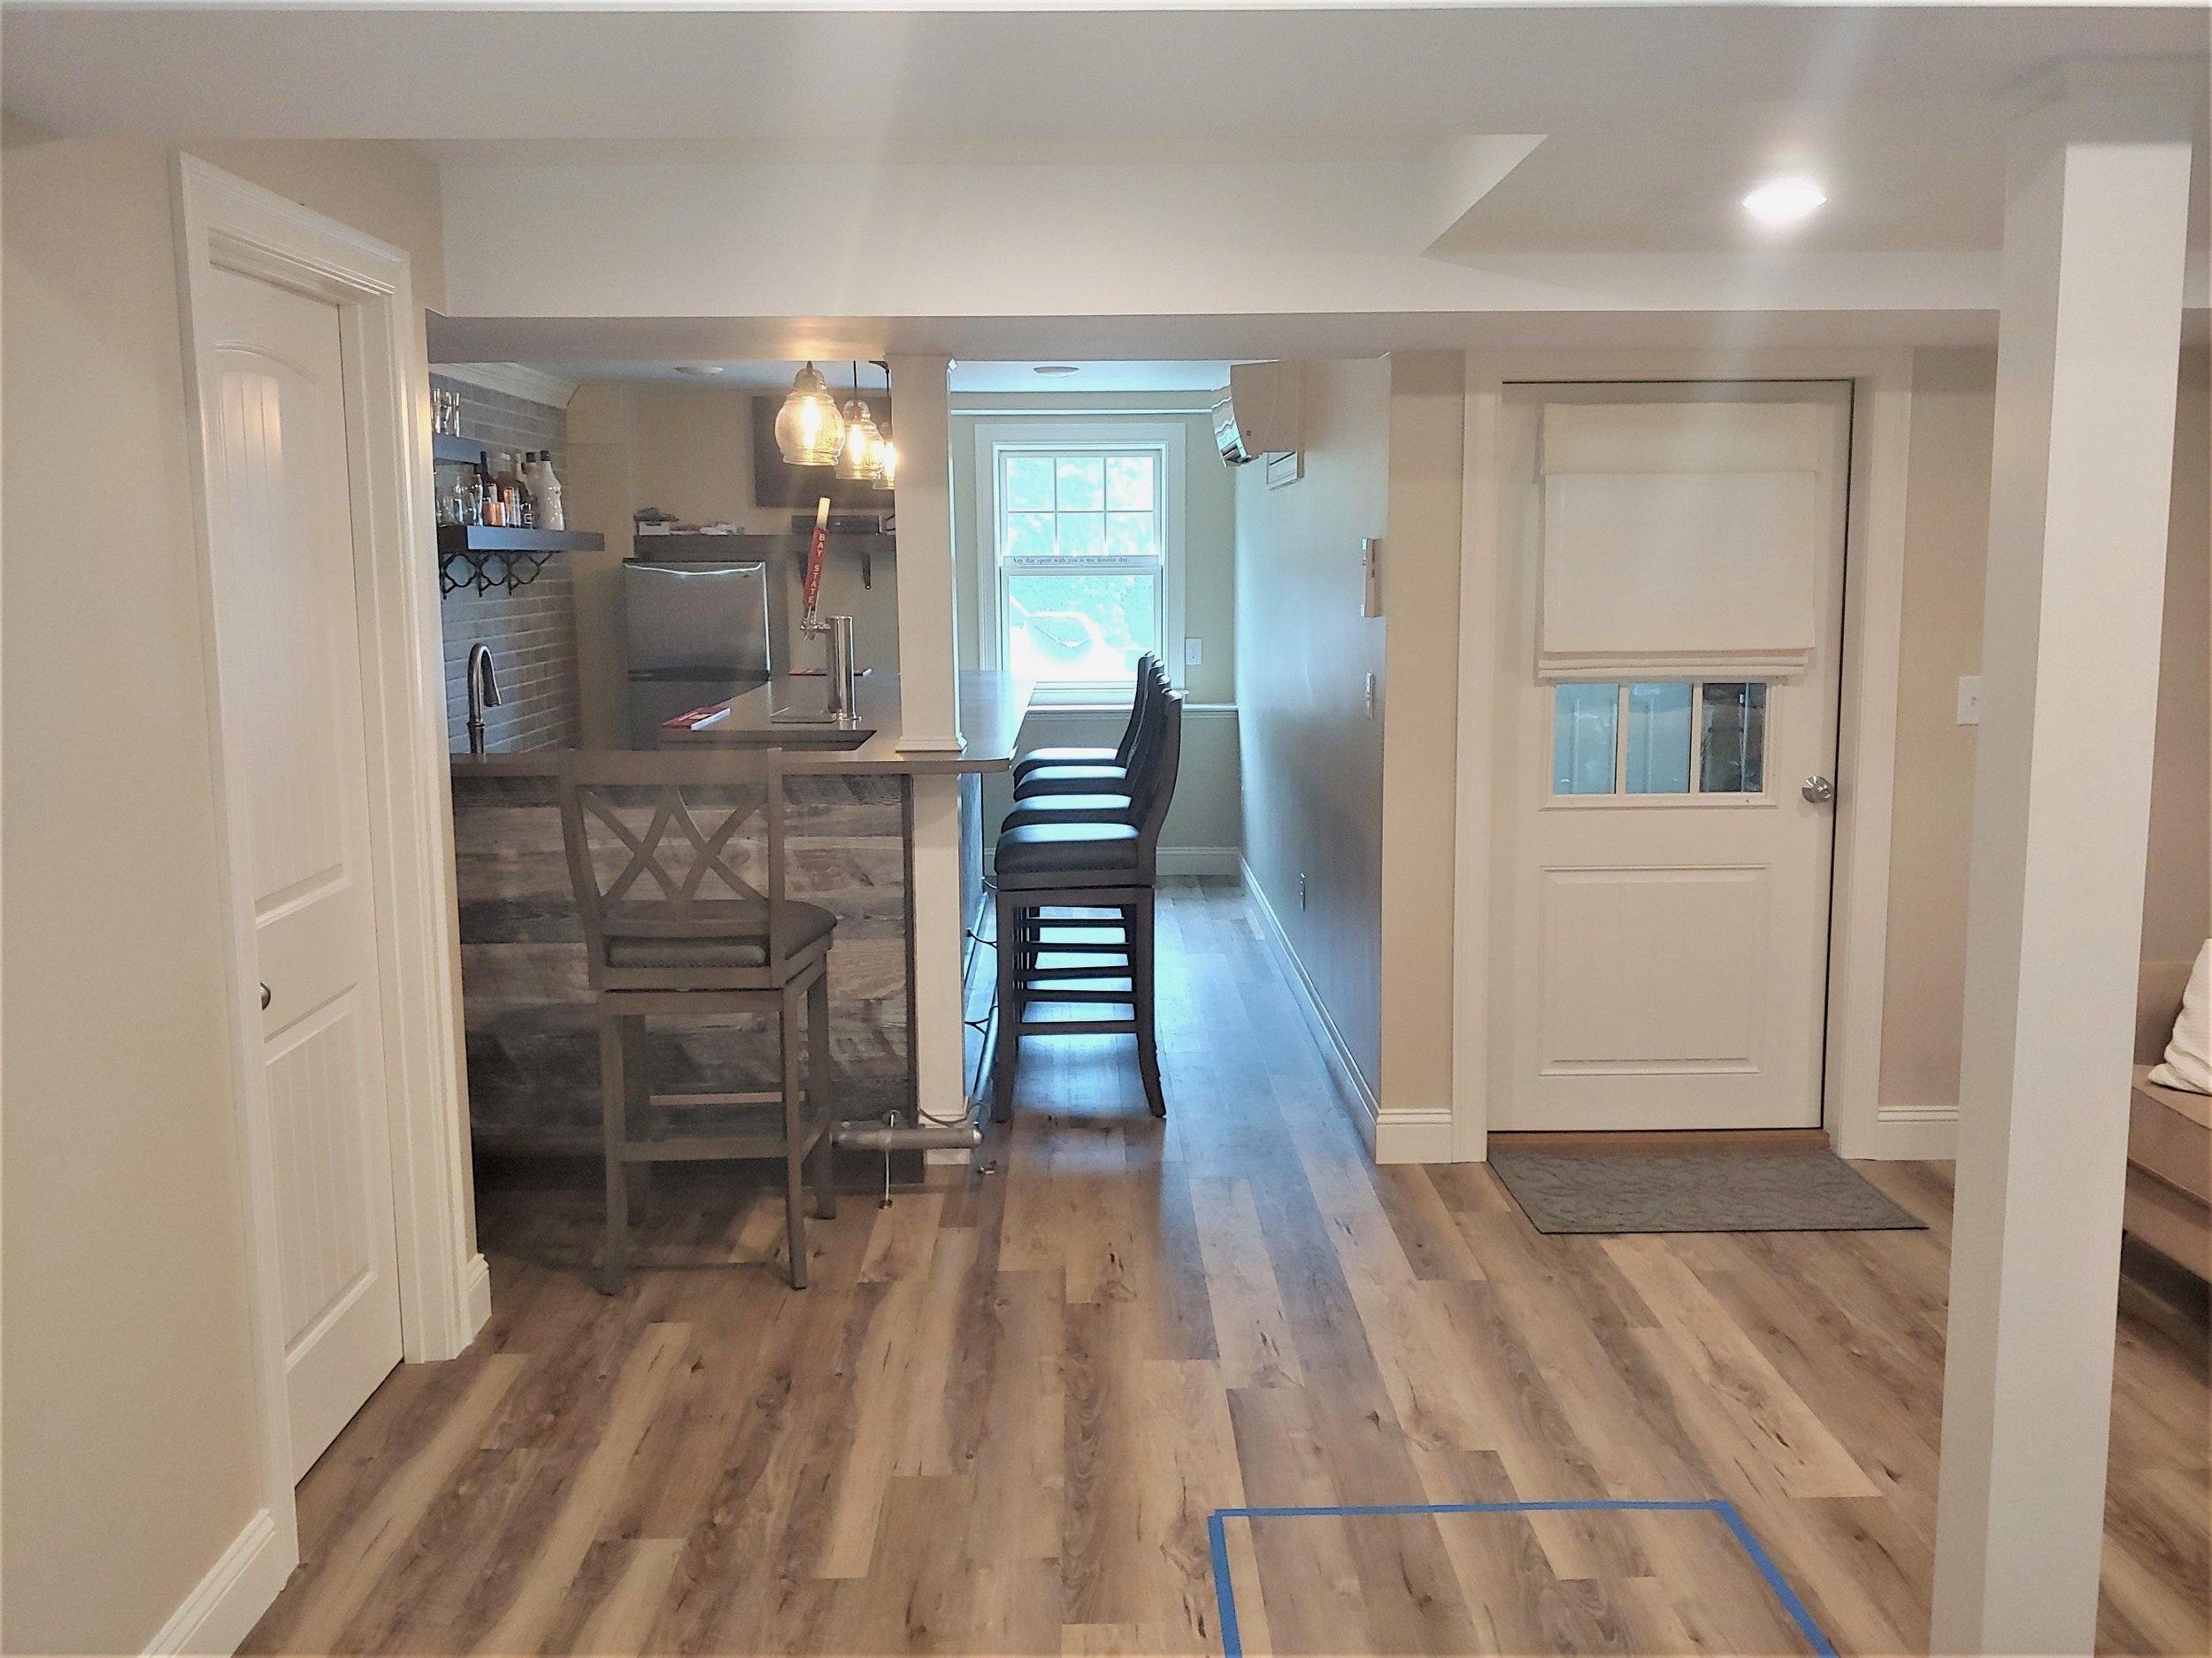 Basement Remodel/Renovation - Southbridge MA